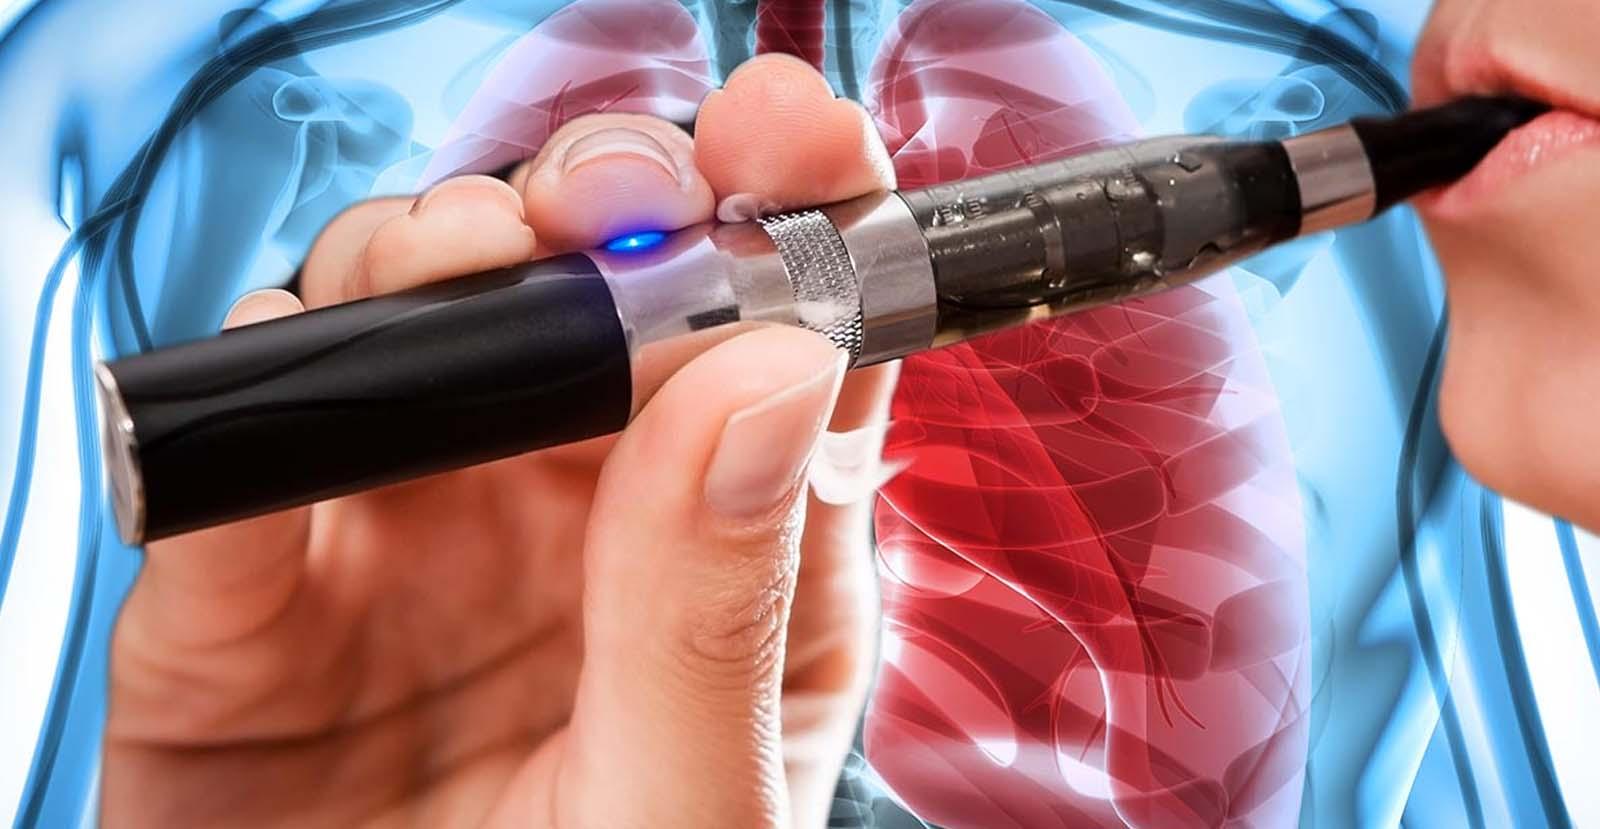 Liquido base sigaretta elettronica Roncello - ✅ per svapare in tranquillità prodotti di qualità scegli chi da anni è nel mondo dello svapo!